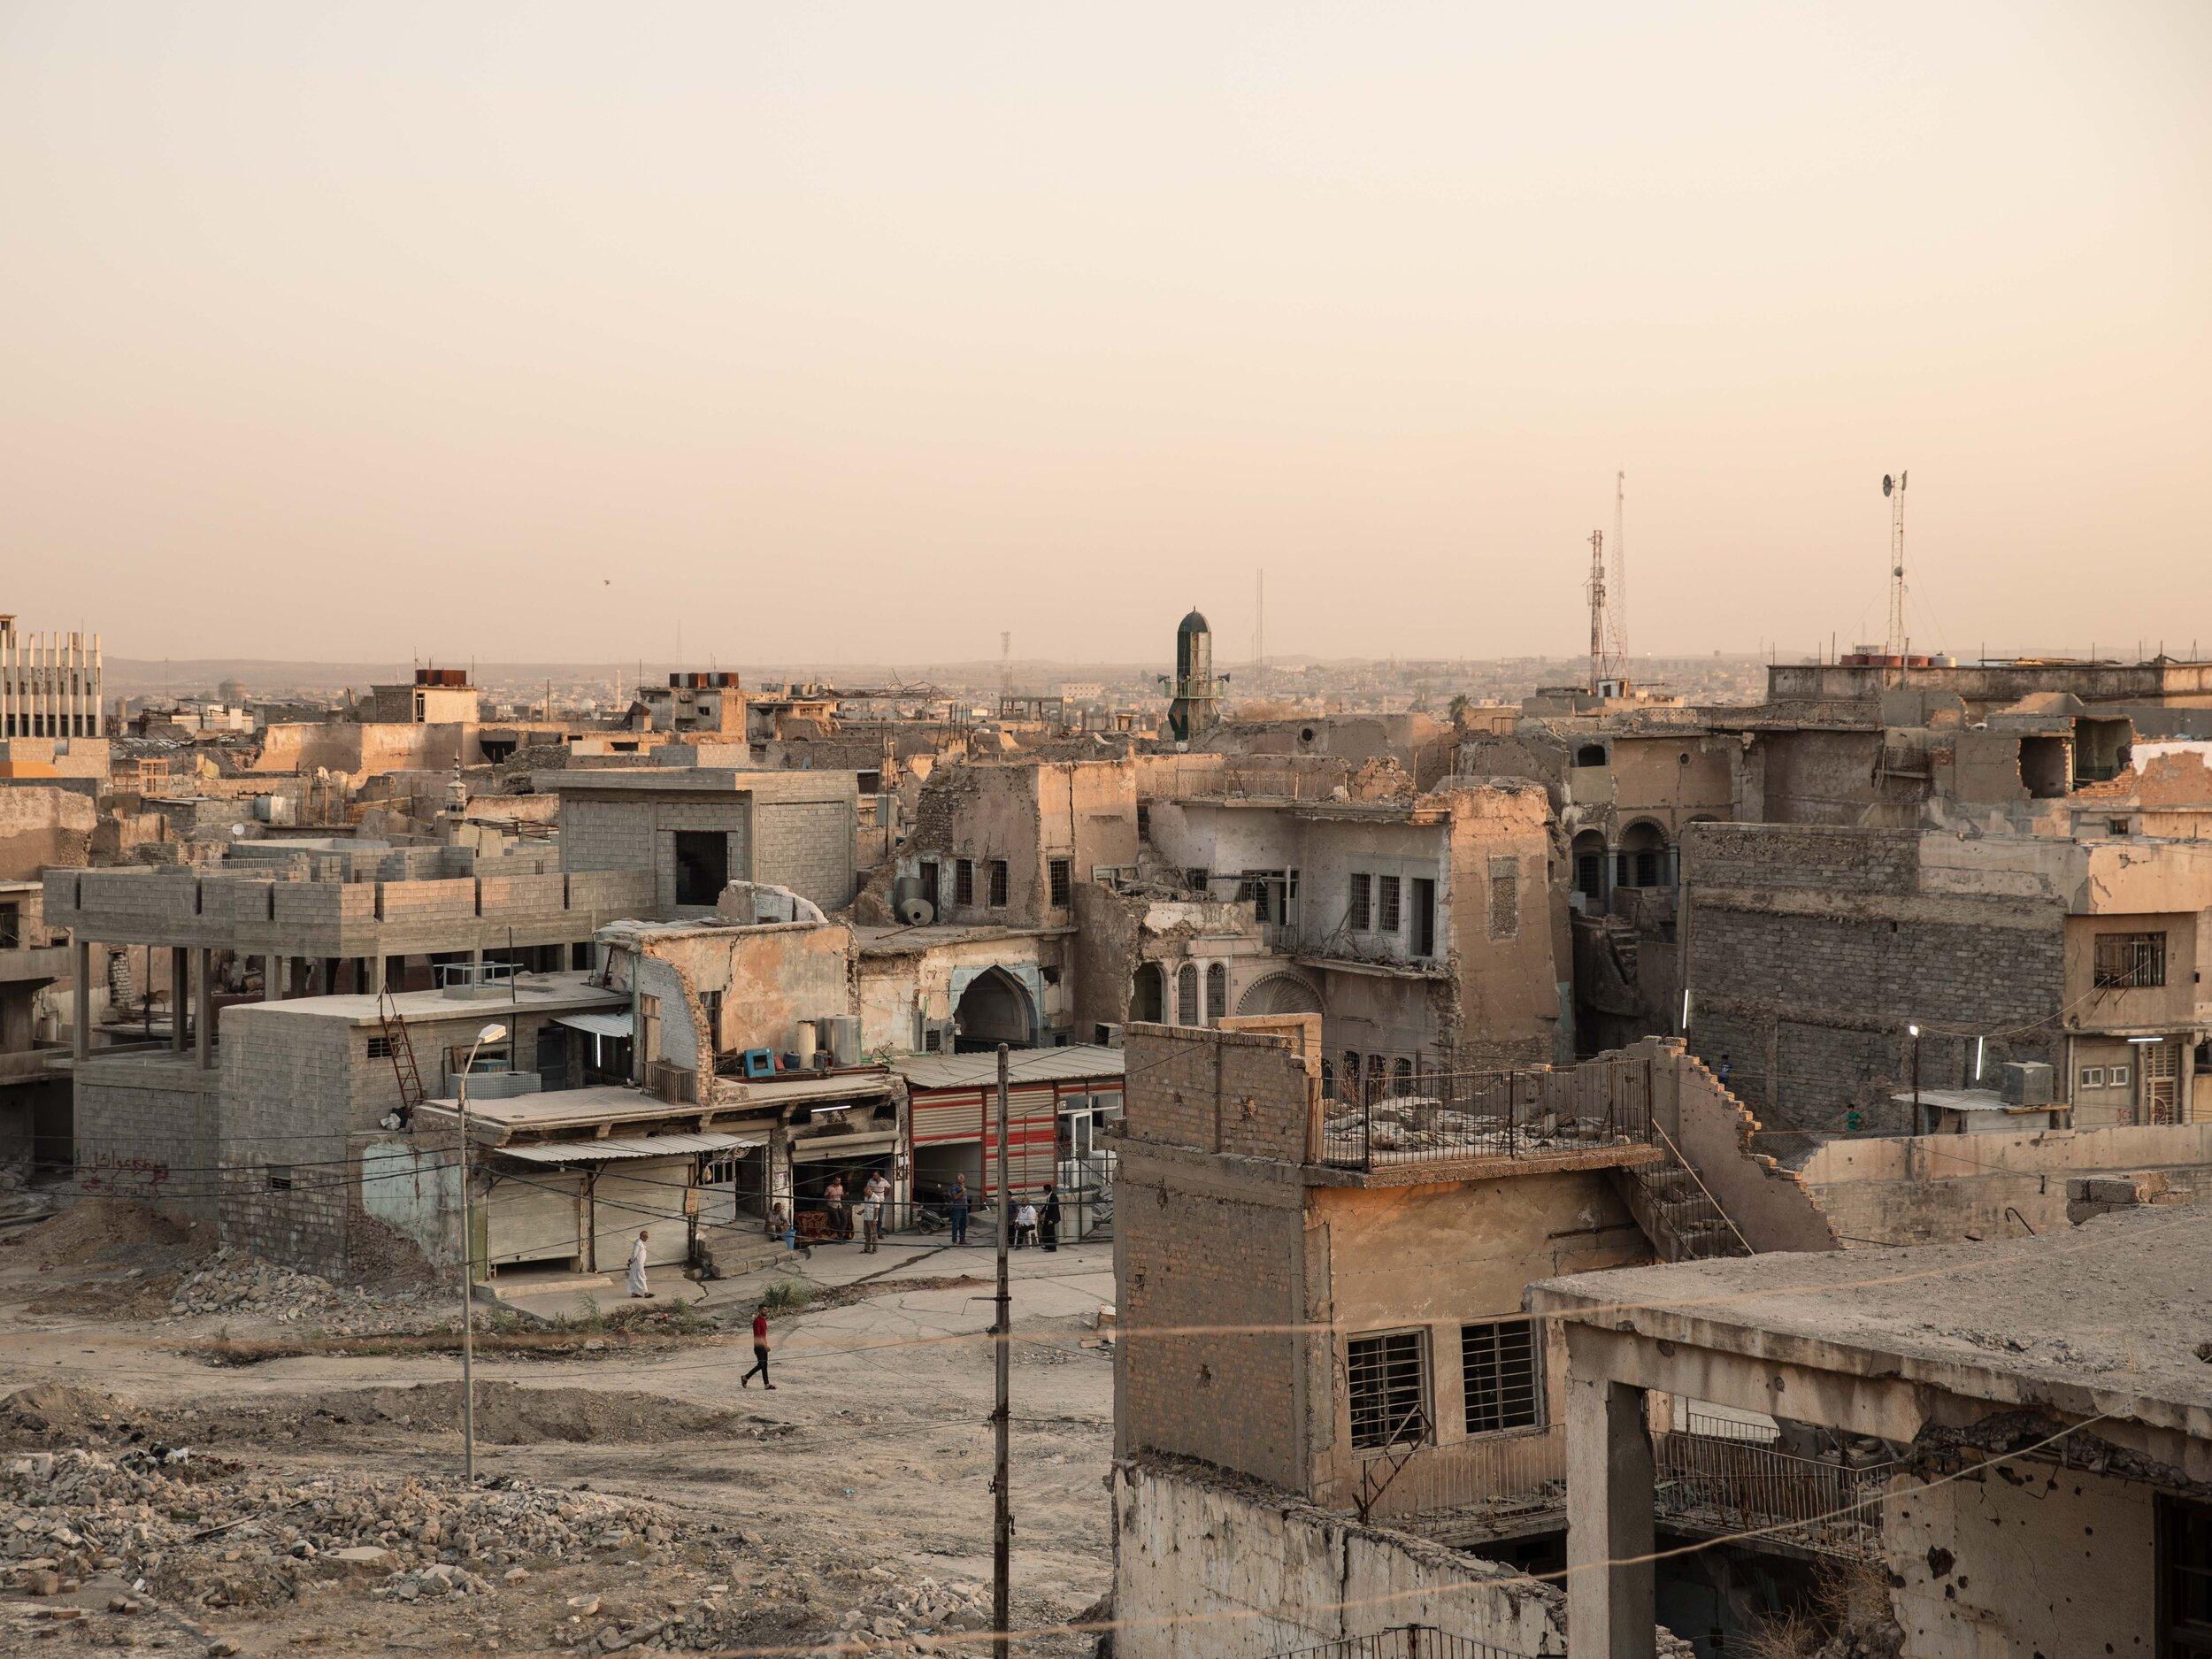 INDY MOSUL IRAQ 22.jpg